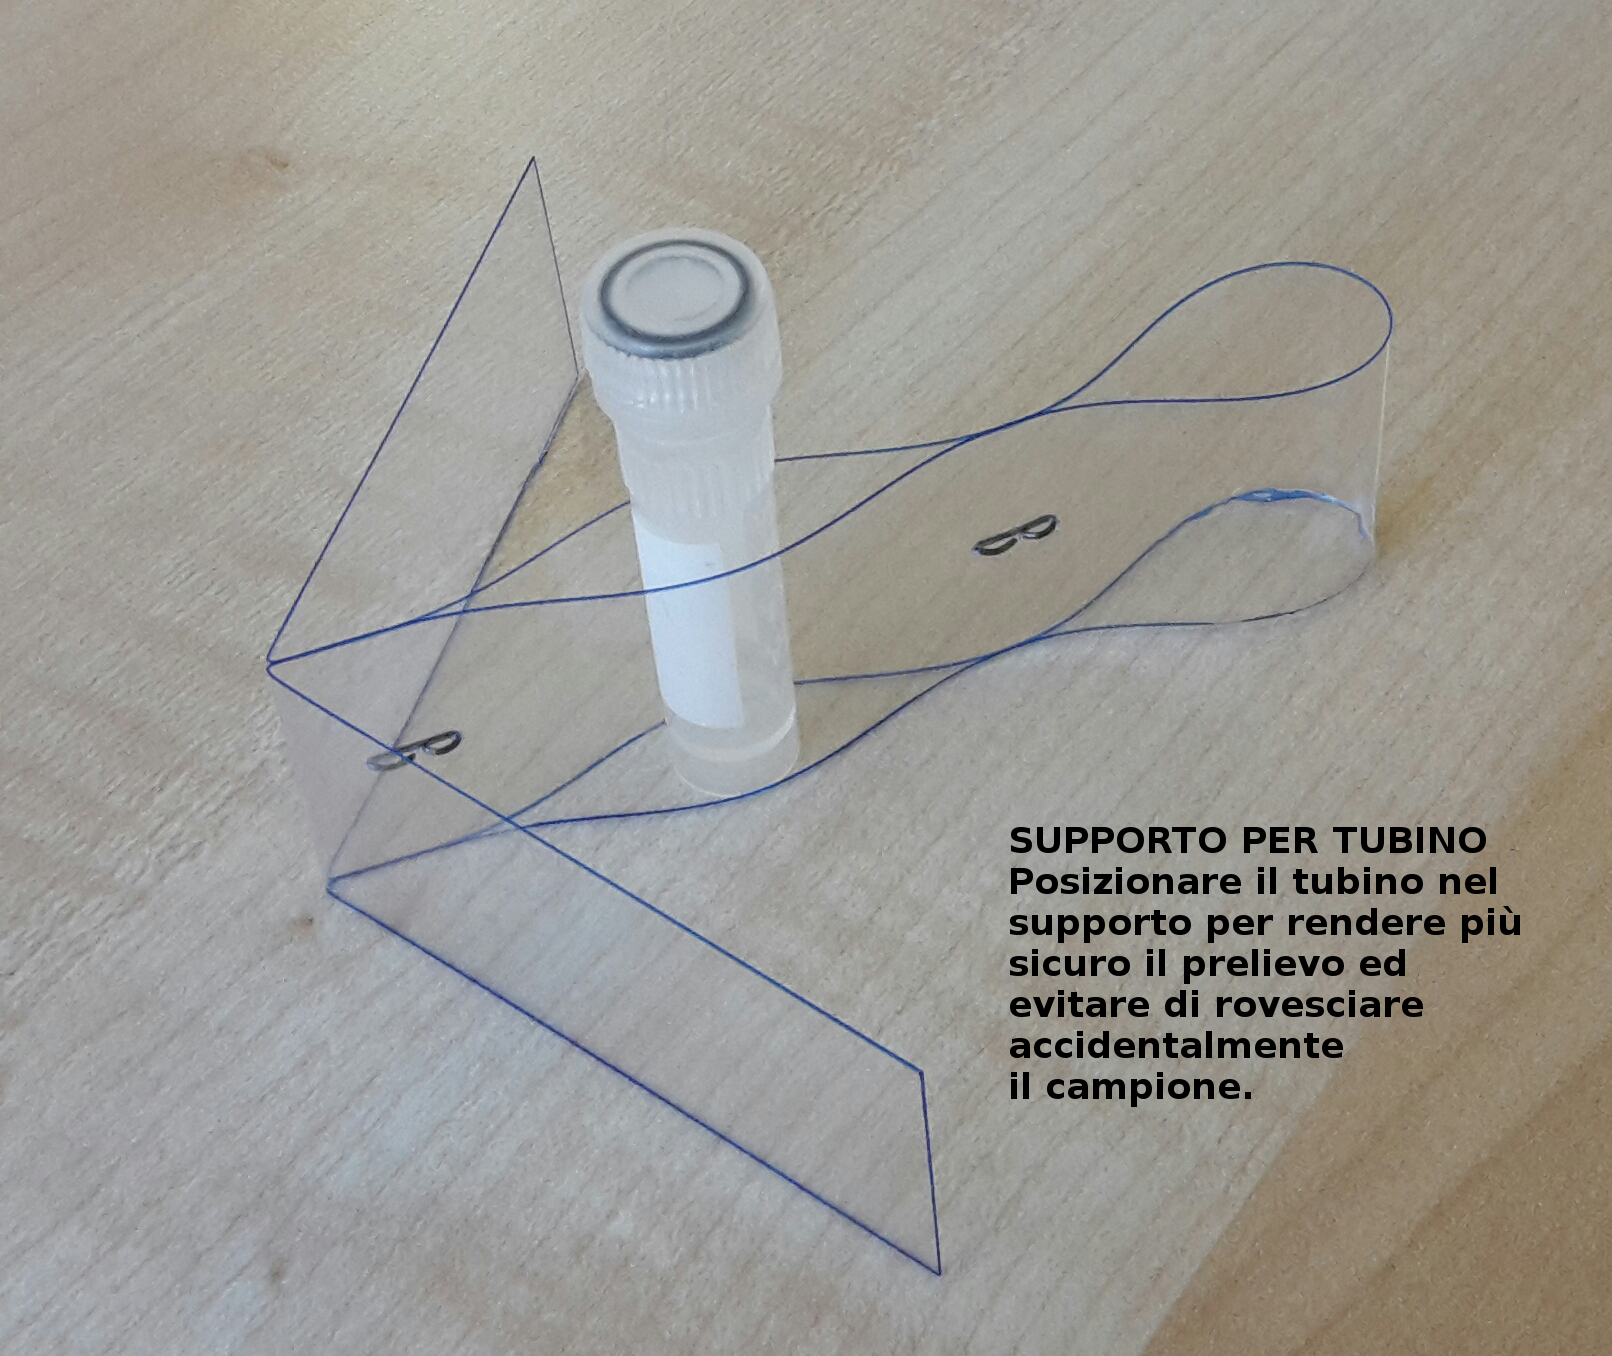 supporto2